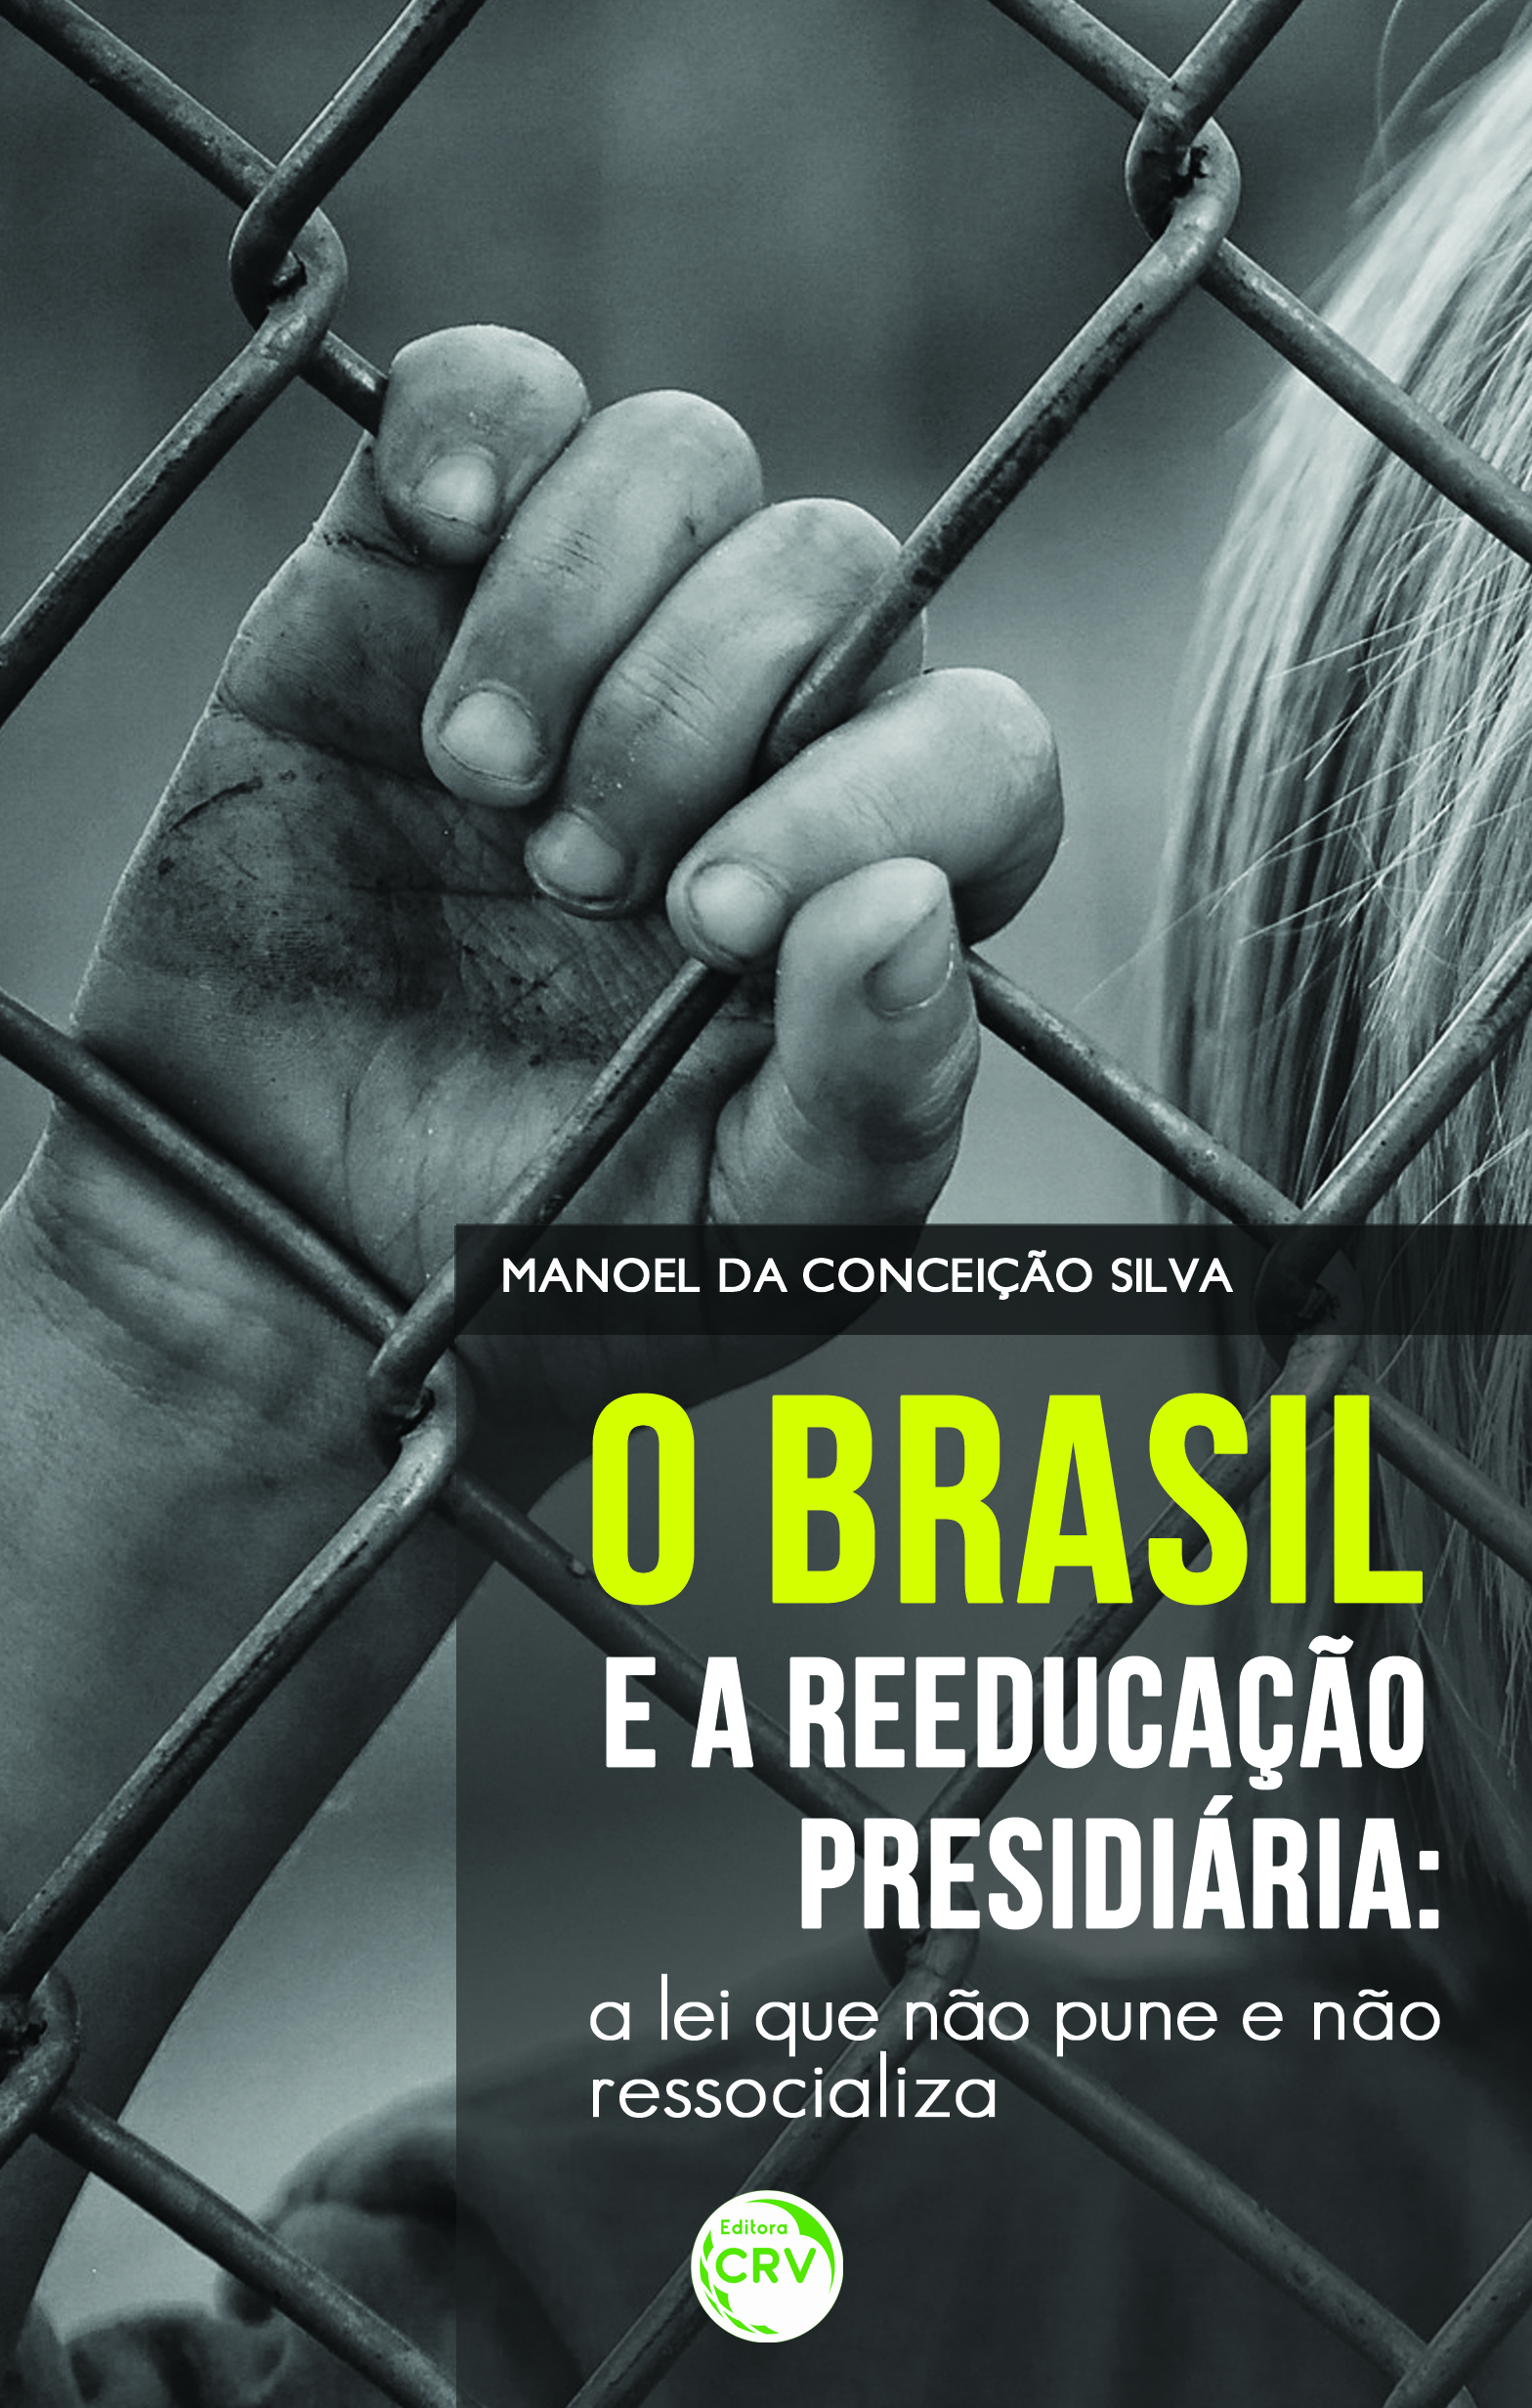 Capa do livro: O BRASIL E A REEDUCAÇÃO PRESIDIÁRIA:<br>a lei que não pune e não ressocializa